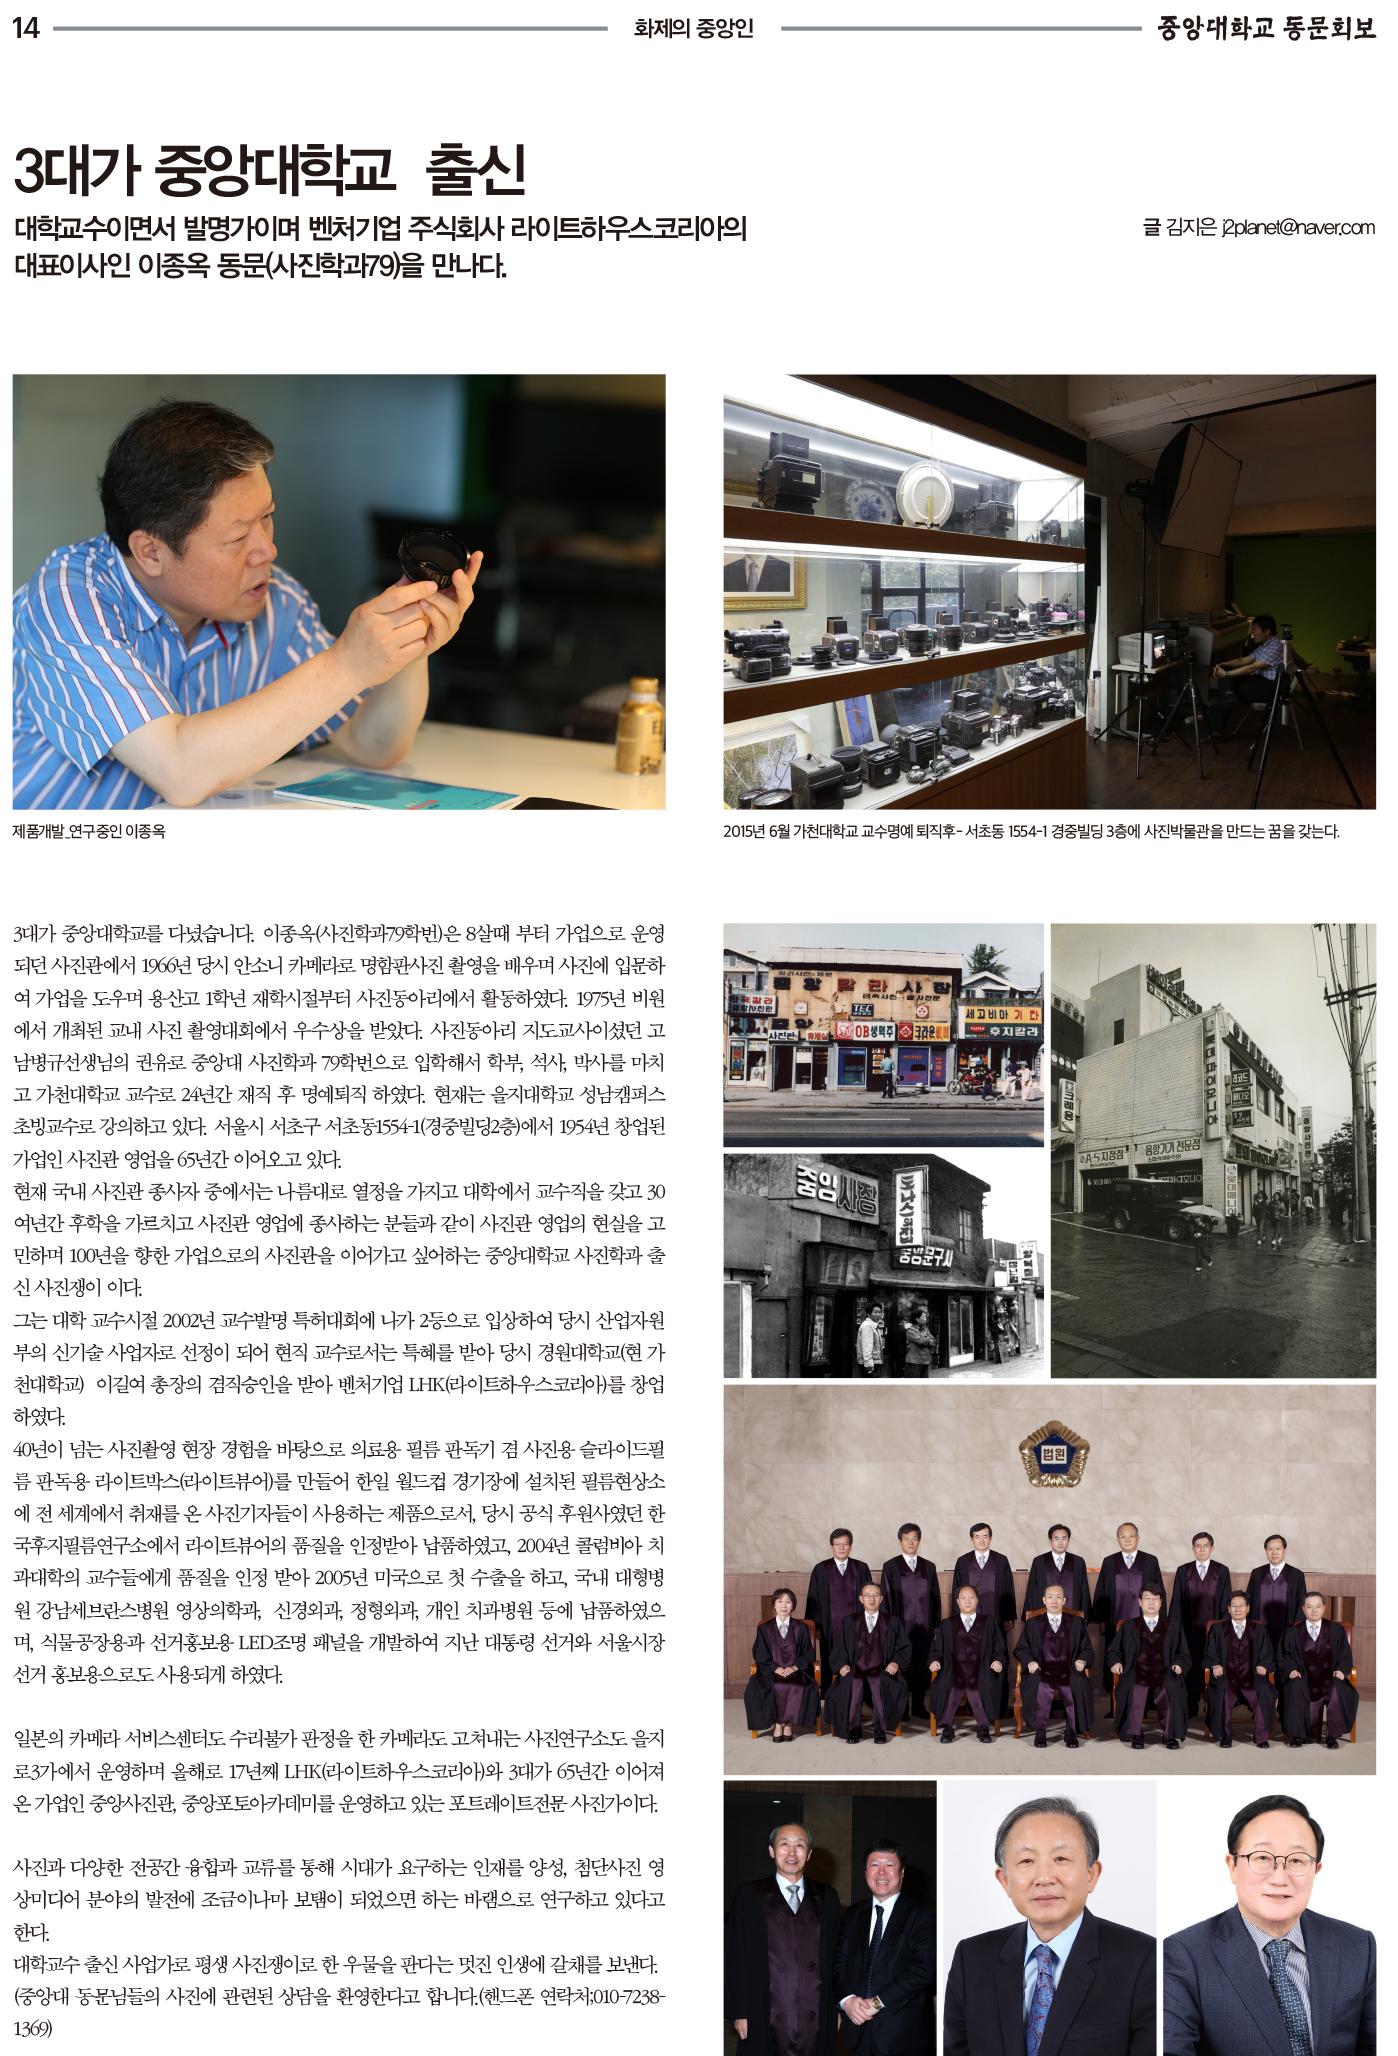 중앙대학교_동문회보_321호-14.jpg